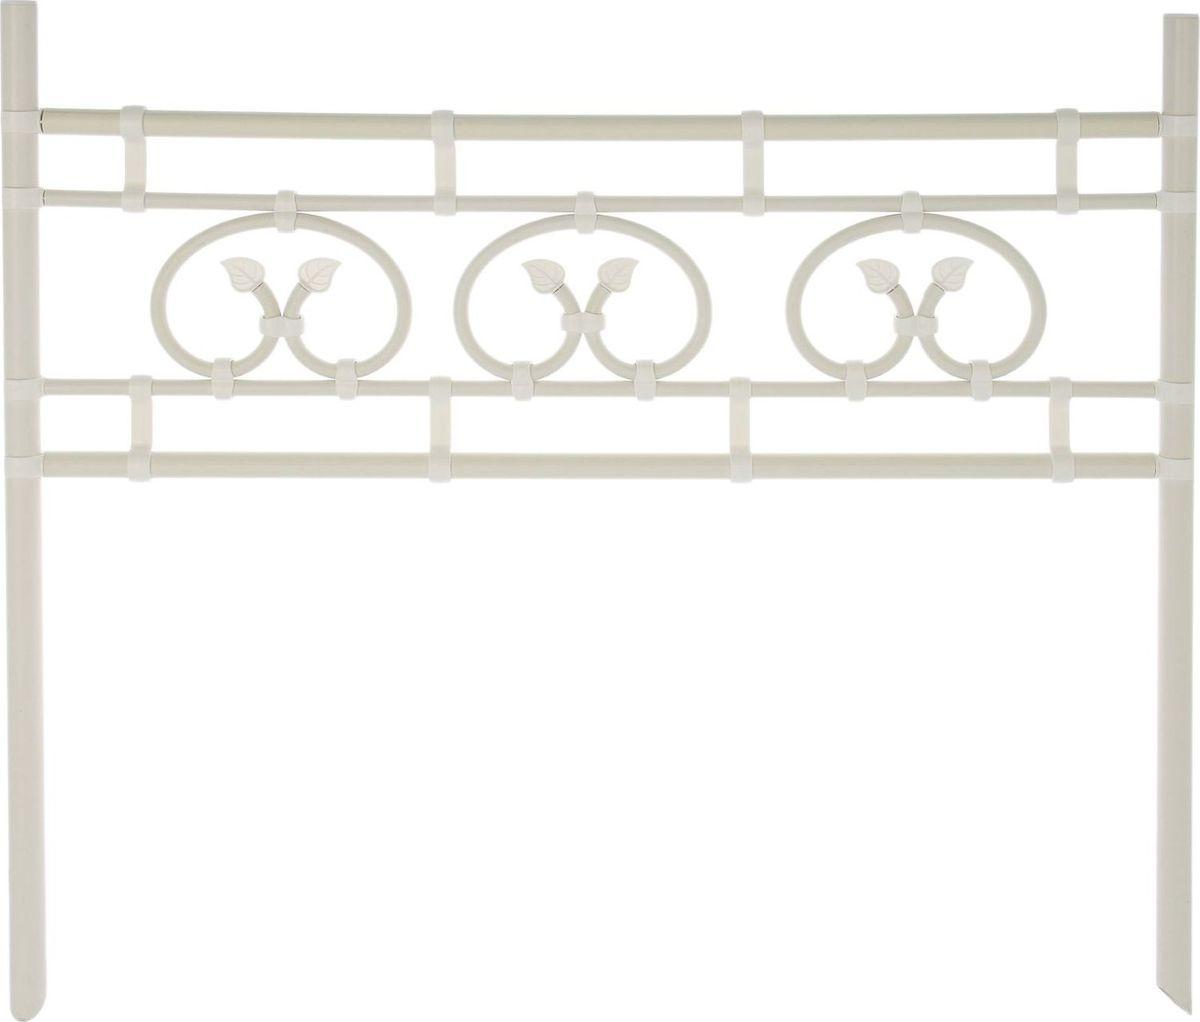 Ограждение садовое декоративное ГарденПласт Итака, 1 секция, цвет: белый, 35 х 108 см10503Ограждение «Сетка» создаёт ощущение защищённости, окружает участок красотой и уютом. Декоративный заборчик также имеет практическое значение: в нужный момент он преградит маленькому ребёнку путь к проезжей части.Конструкция удобна для установки. Два опорных столба (d=32 мм, высота — 1 м) отвечают за устойчивость объекта, не нужно ставить дополнительные подпорки. Для надёжности при монтаже наденьте столб на металлическую трубу, штырь или арматуру. Ограждение выполнено из ПВХ — материала, устойчивого к внешним факторам (воде, жару, грибку, коррозии, кислотным дождям, воздействию жуков). Он термовынослив (до +66 °C) и не выгорает на солнце. В отличие от дерева этот вид пластмассы не требует покраски и шлифовки для поддержания ухоженного вида.Заборчик подходит для желающих оформить английский сад своими руками. Его дизайн подчёркивает хороший вкус обладателя. Размер секции (70 ? 120 см) оптимален для того, чтобы выделить участок из окружающего пространства. Преимущества:Устойчив к нагреву, коррозии, гниению и прочим природным факторам. Используются прочные морозостойкие ПВХ материалы.Как ухаживать?Не подвергайте детали механическому воздействию: не сгибайте их, не давите в процессе монтажа. Если изделие запылилось, можете сполоснуть его водой из шланга без демонтажа.